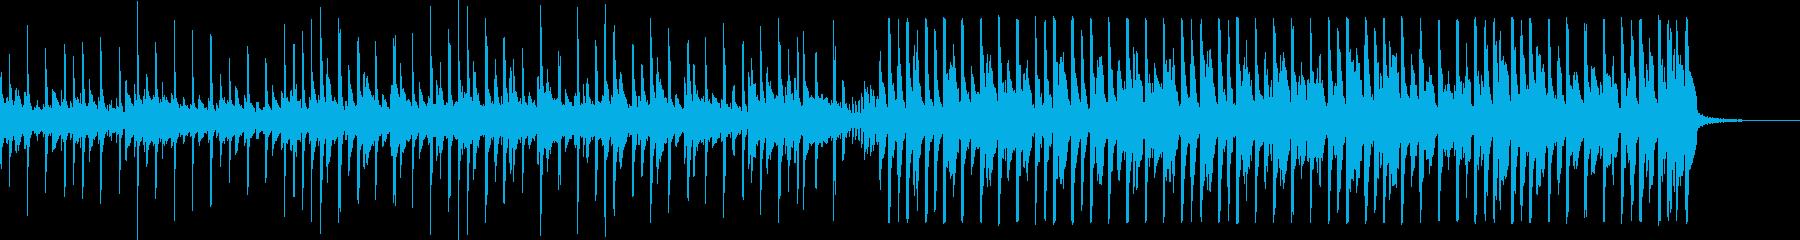 グロッケンシュピールのメロディーと...の再生済みの波形